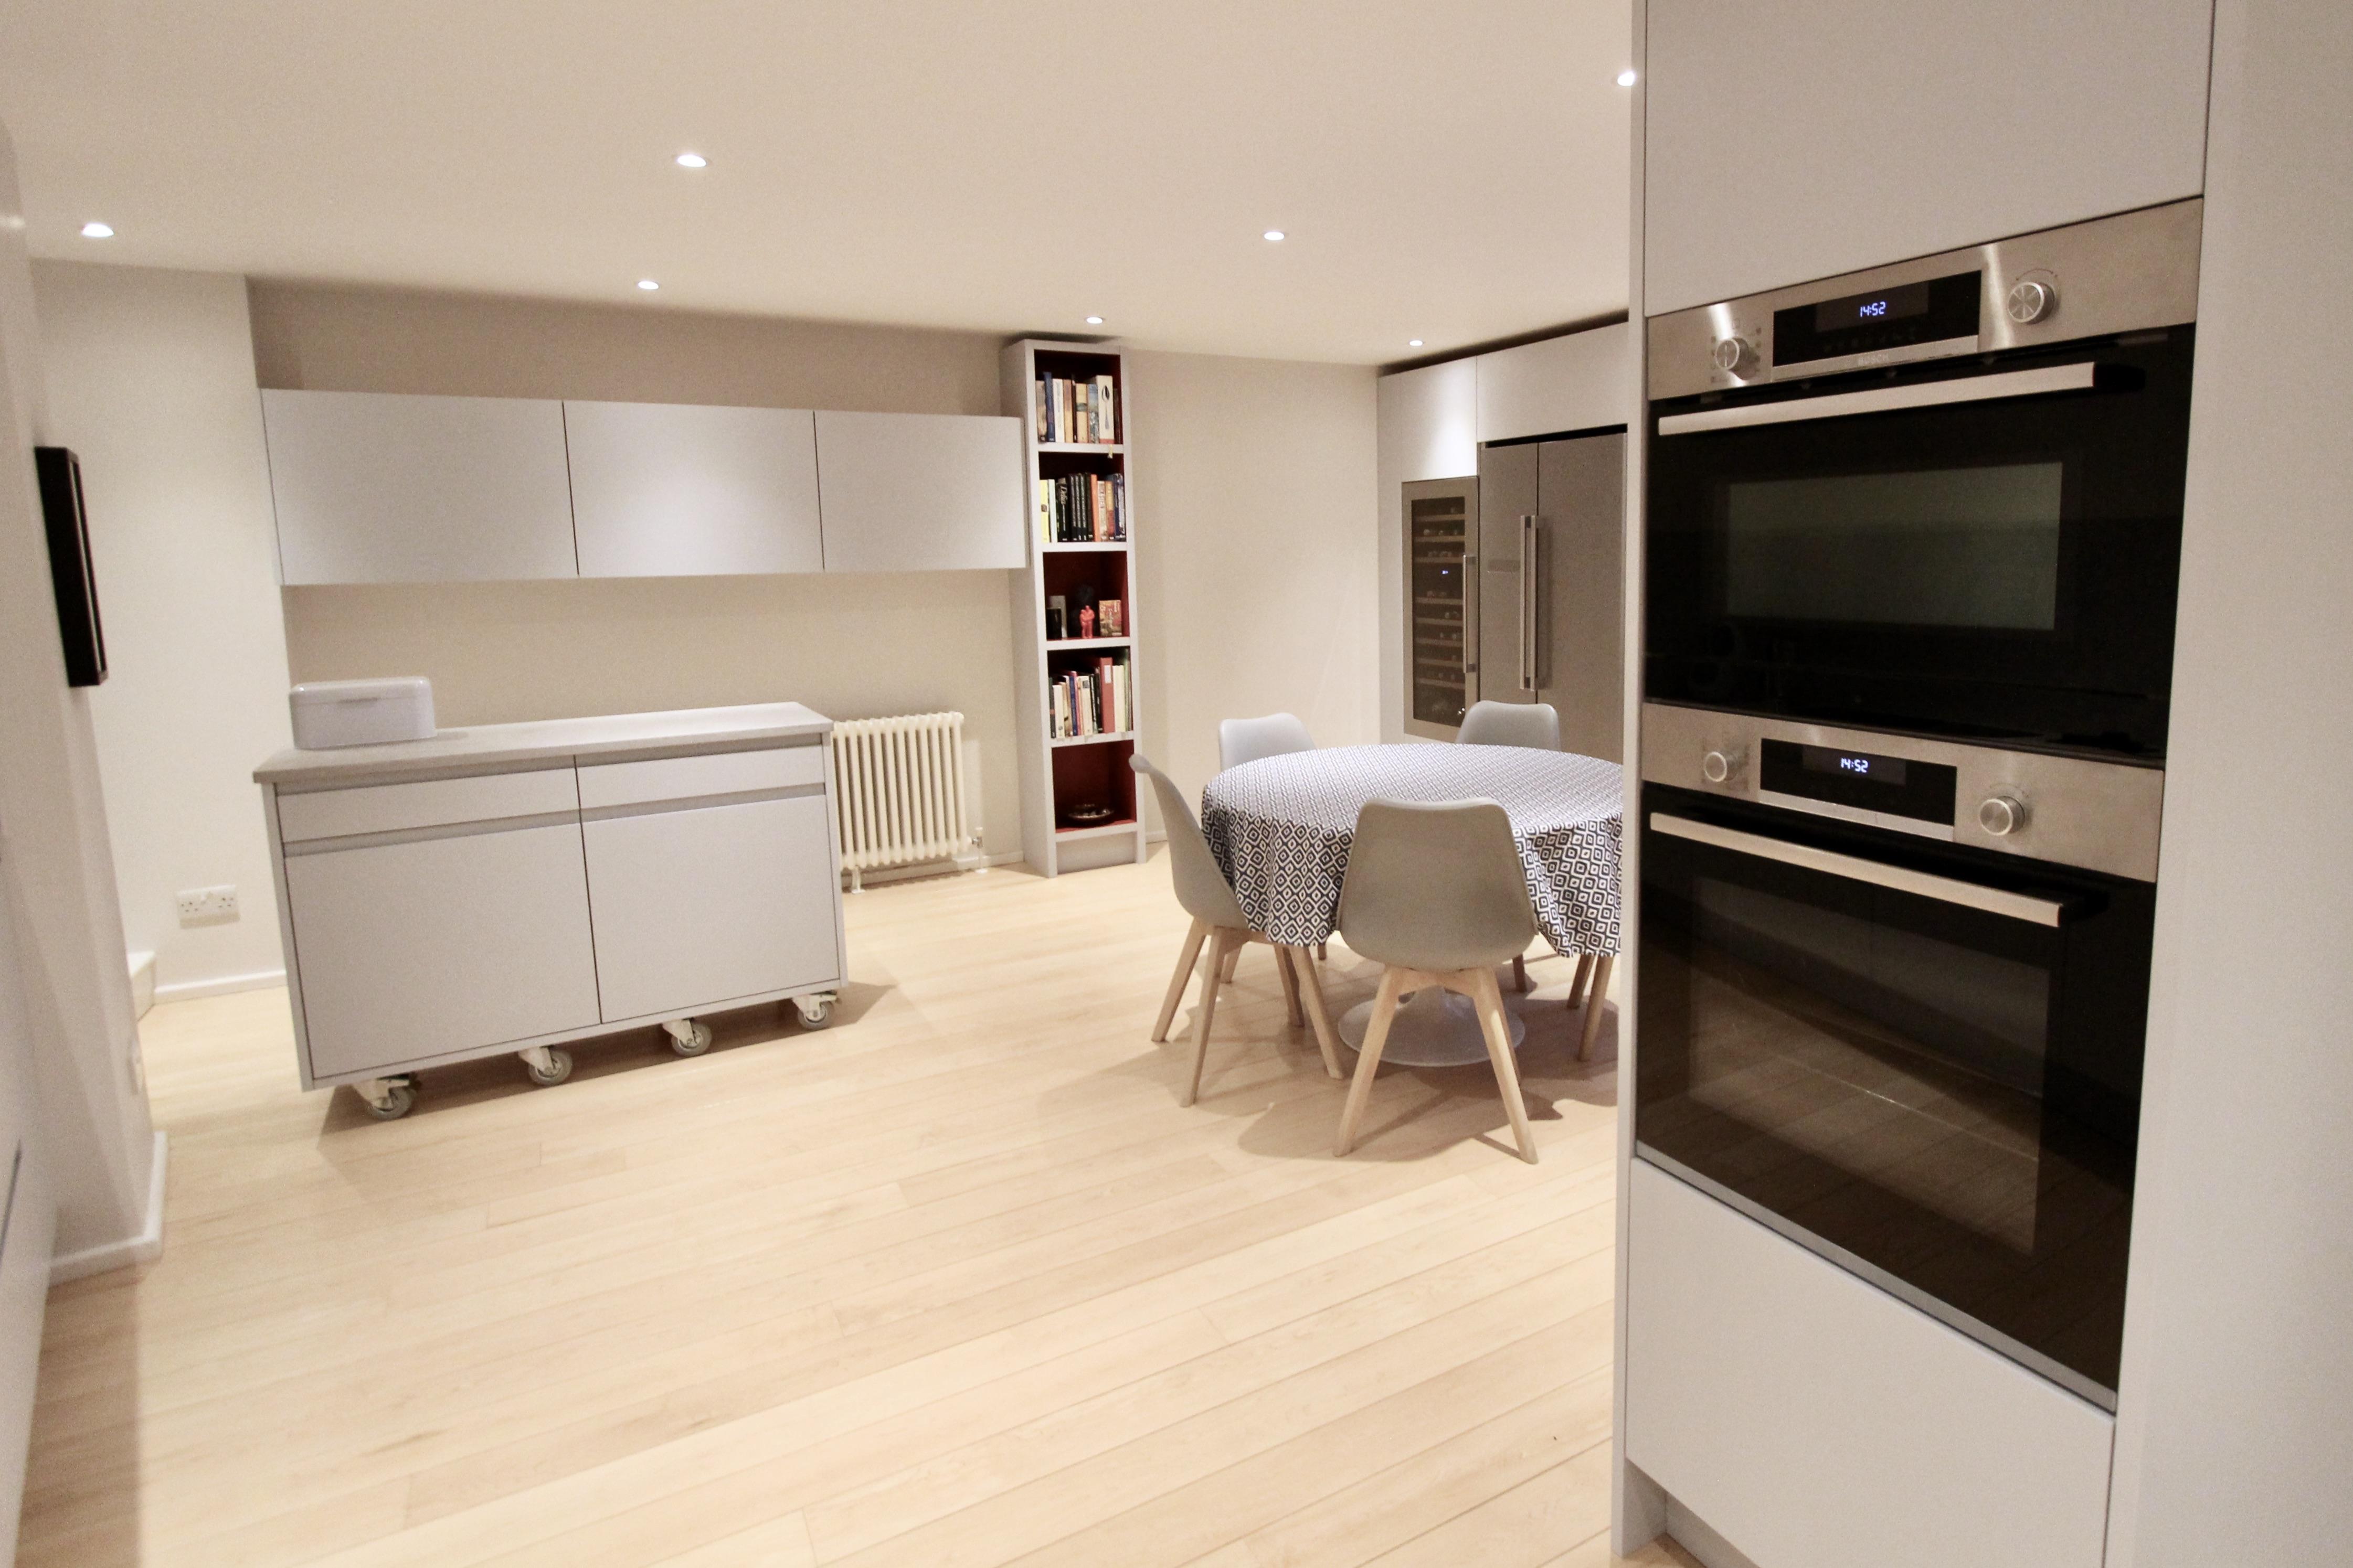 7. Clerkenwell kitchen